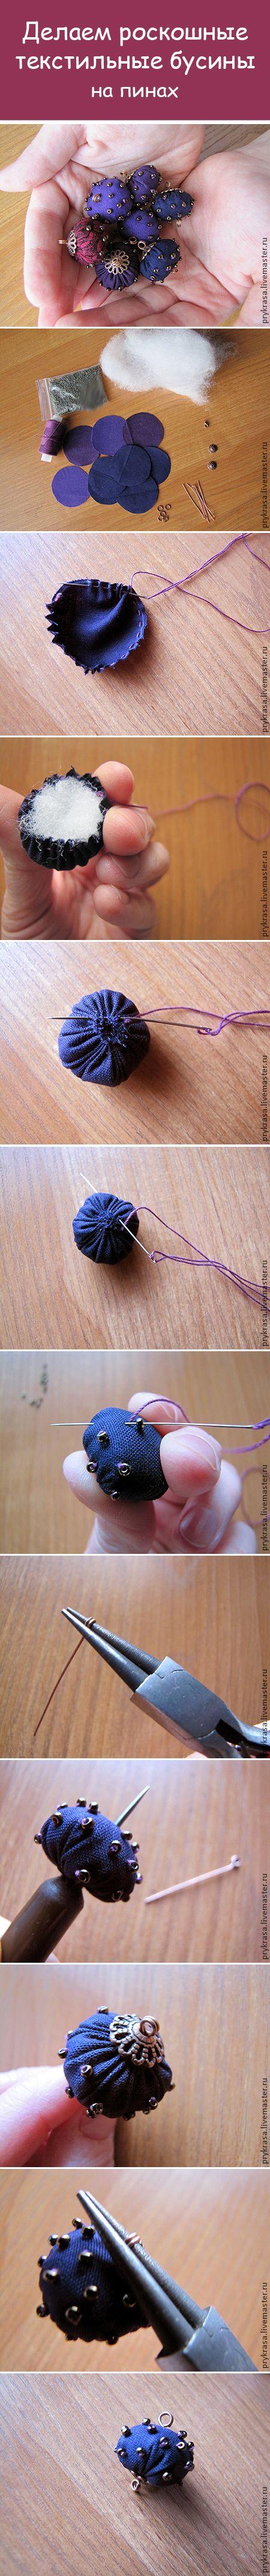 Как сделать текстильные бусины